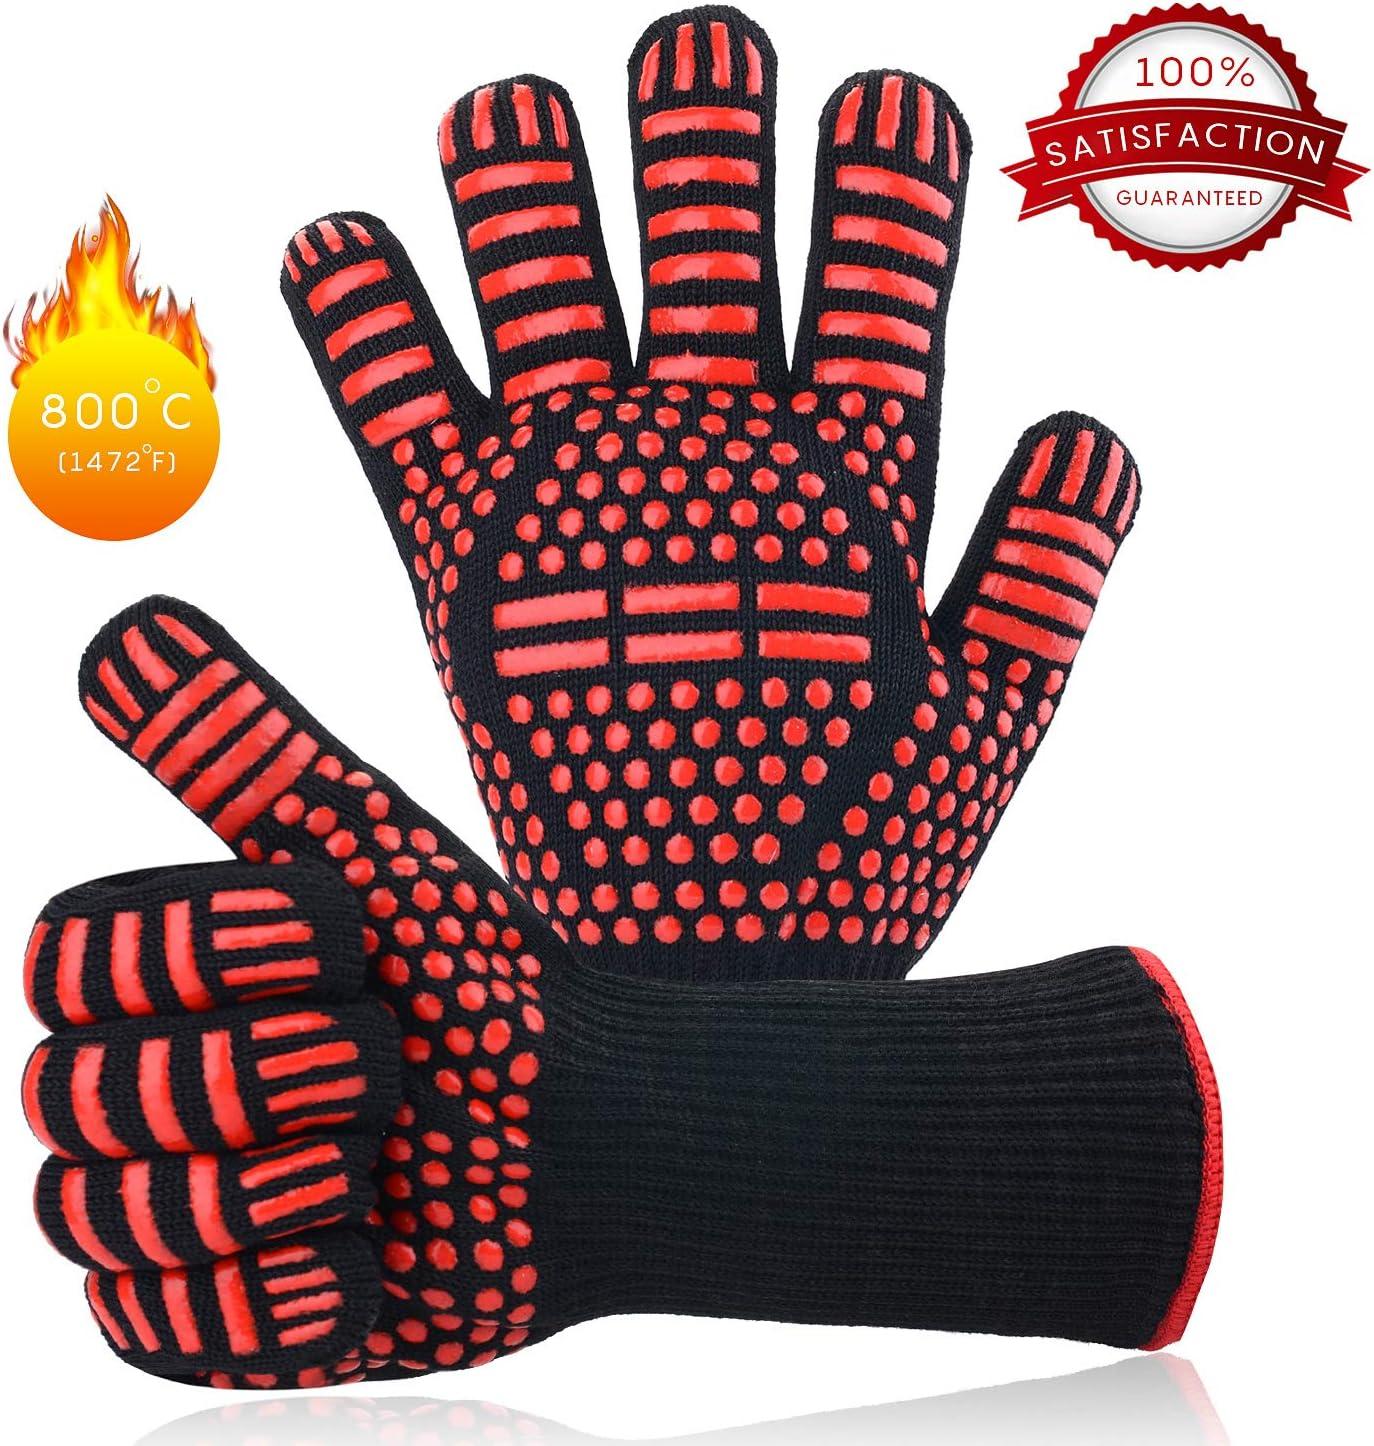 Guantes de Barbacoa, Barbacoa Parrilla Guantes 932°F (500°C) Resistentes Calor para el Horno Hornear Cocina Accesorios, Guantes para Cocinar Chimenea Hornear Asar (1 Par)